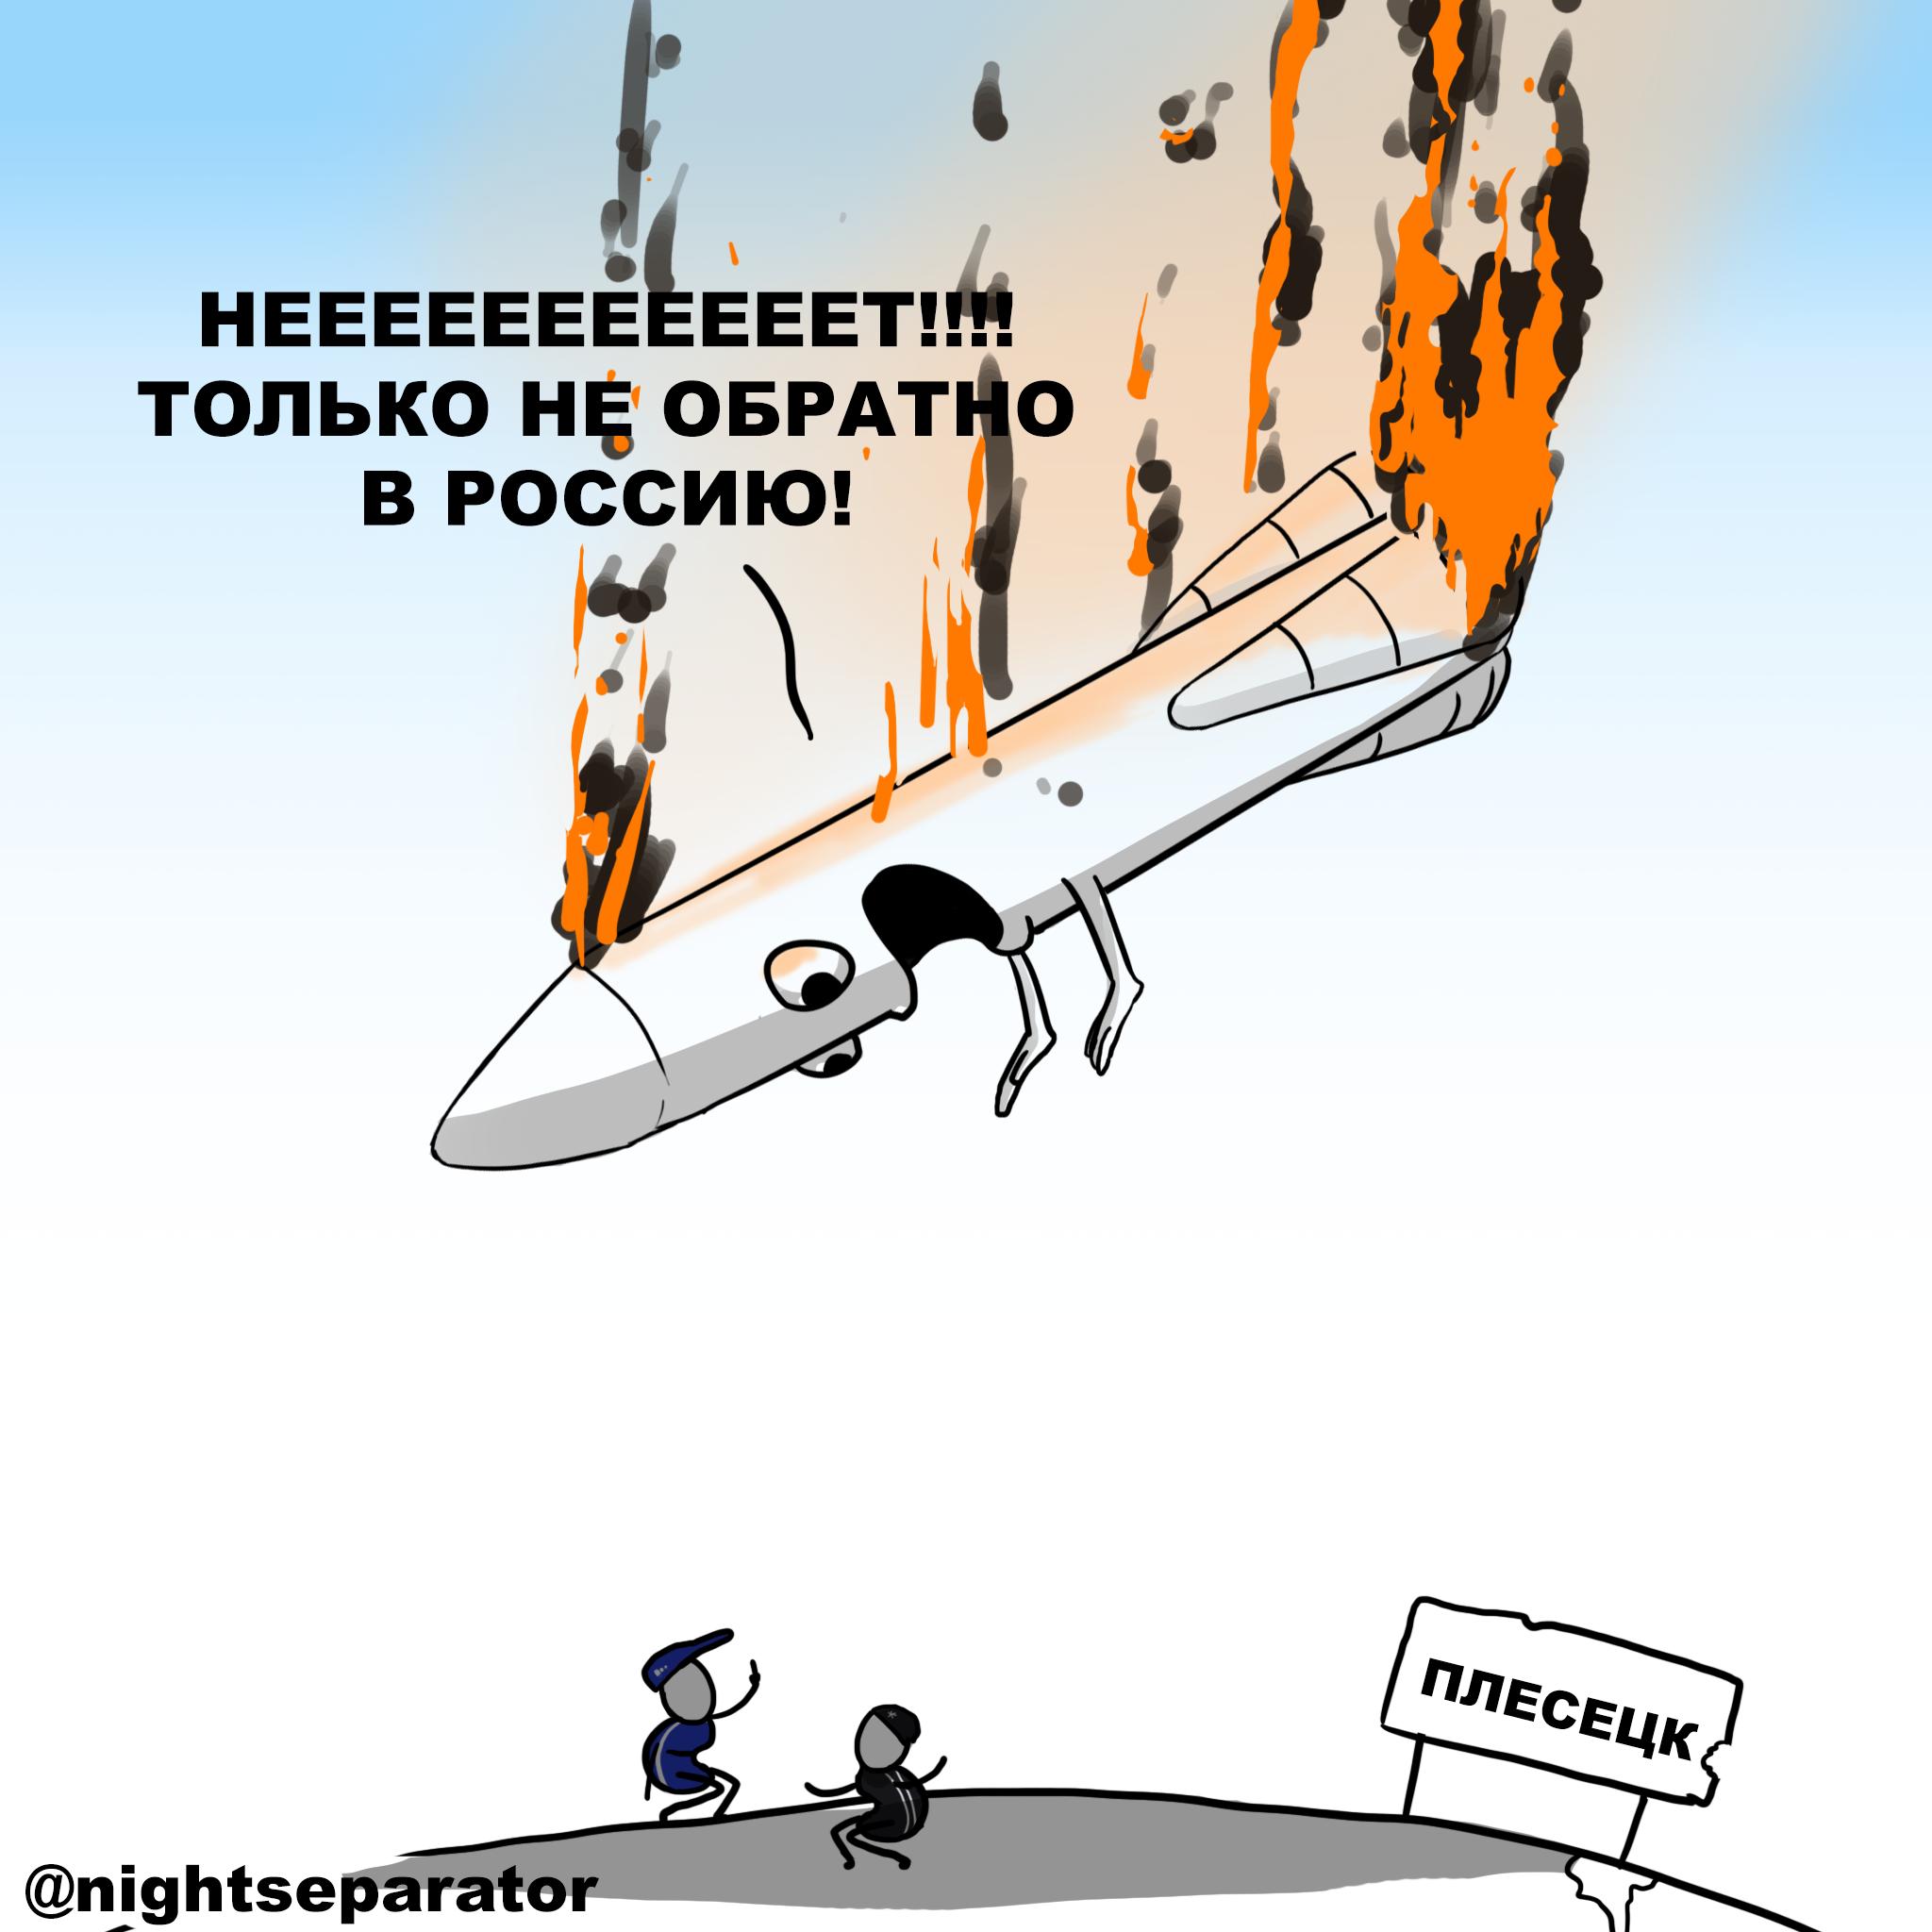 """Российская экспериментальная ракета упала после пуска с космодрома """"Плесецк"""", - РИА Новости - Цензор.НЕТ 9110"""